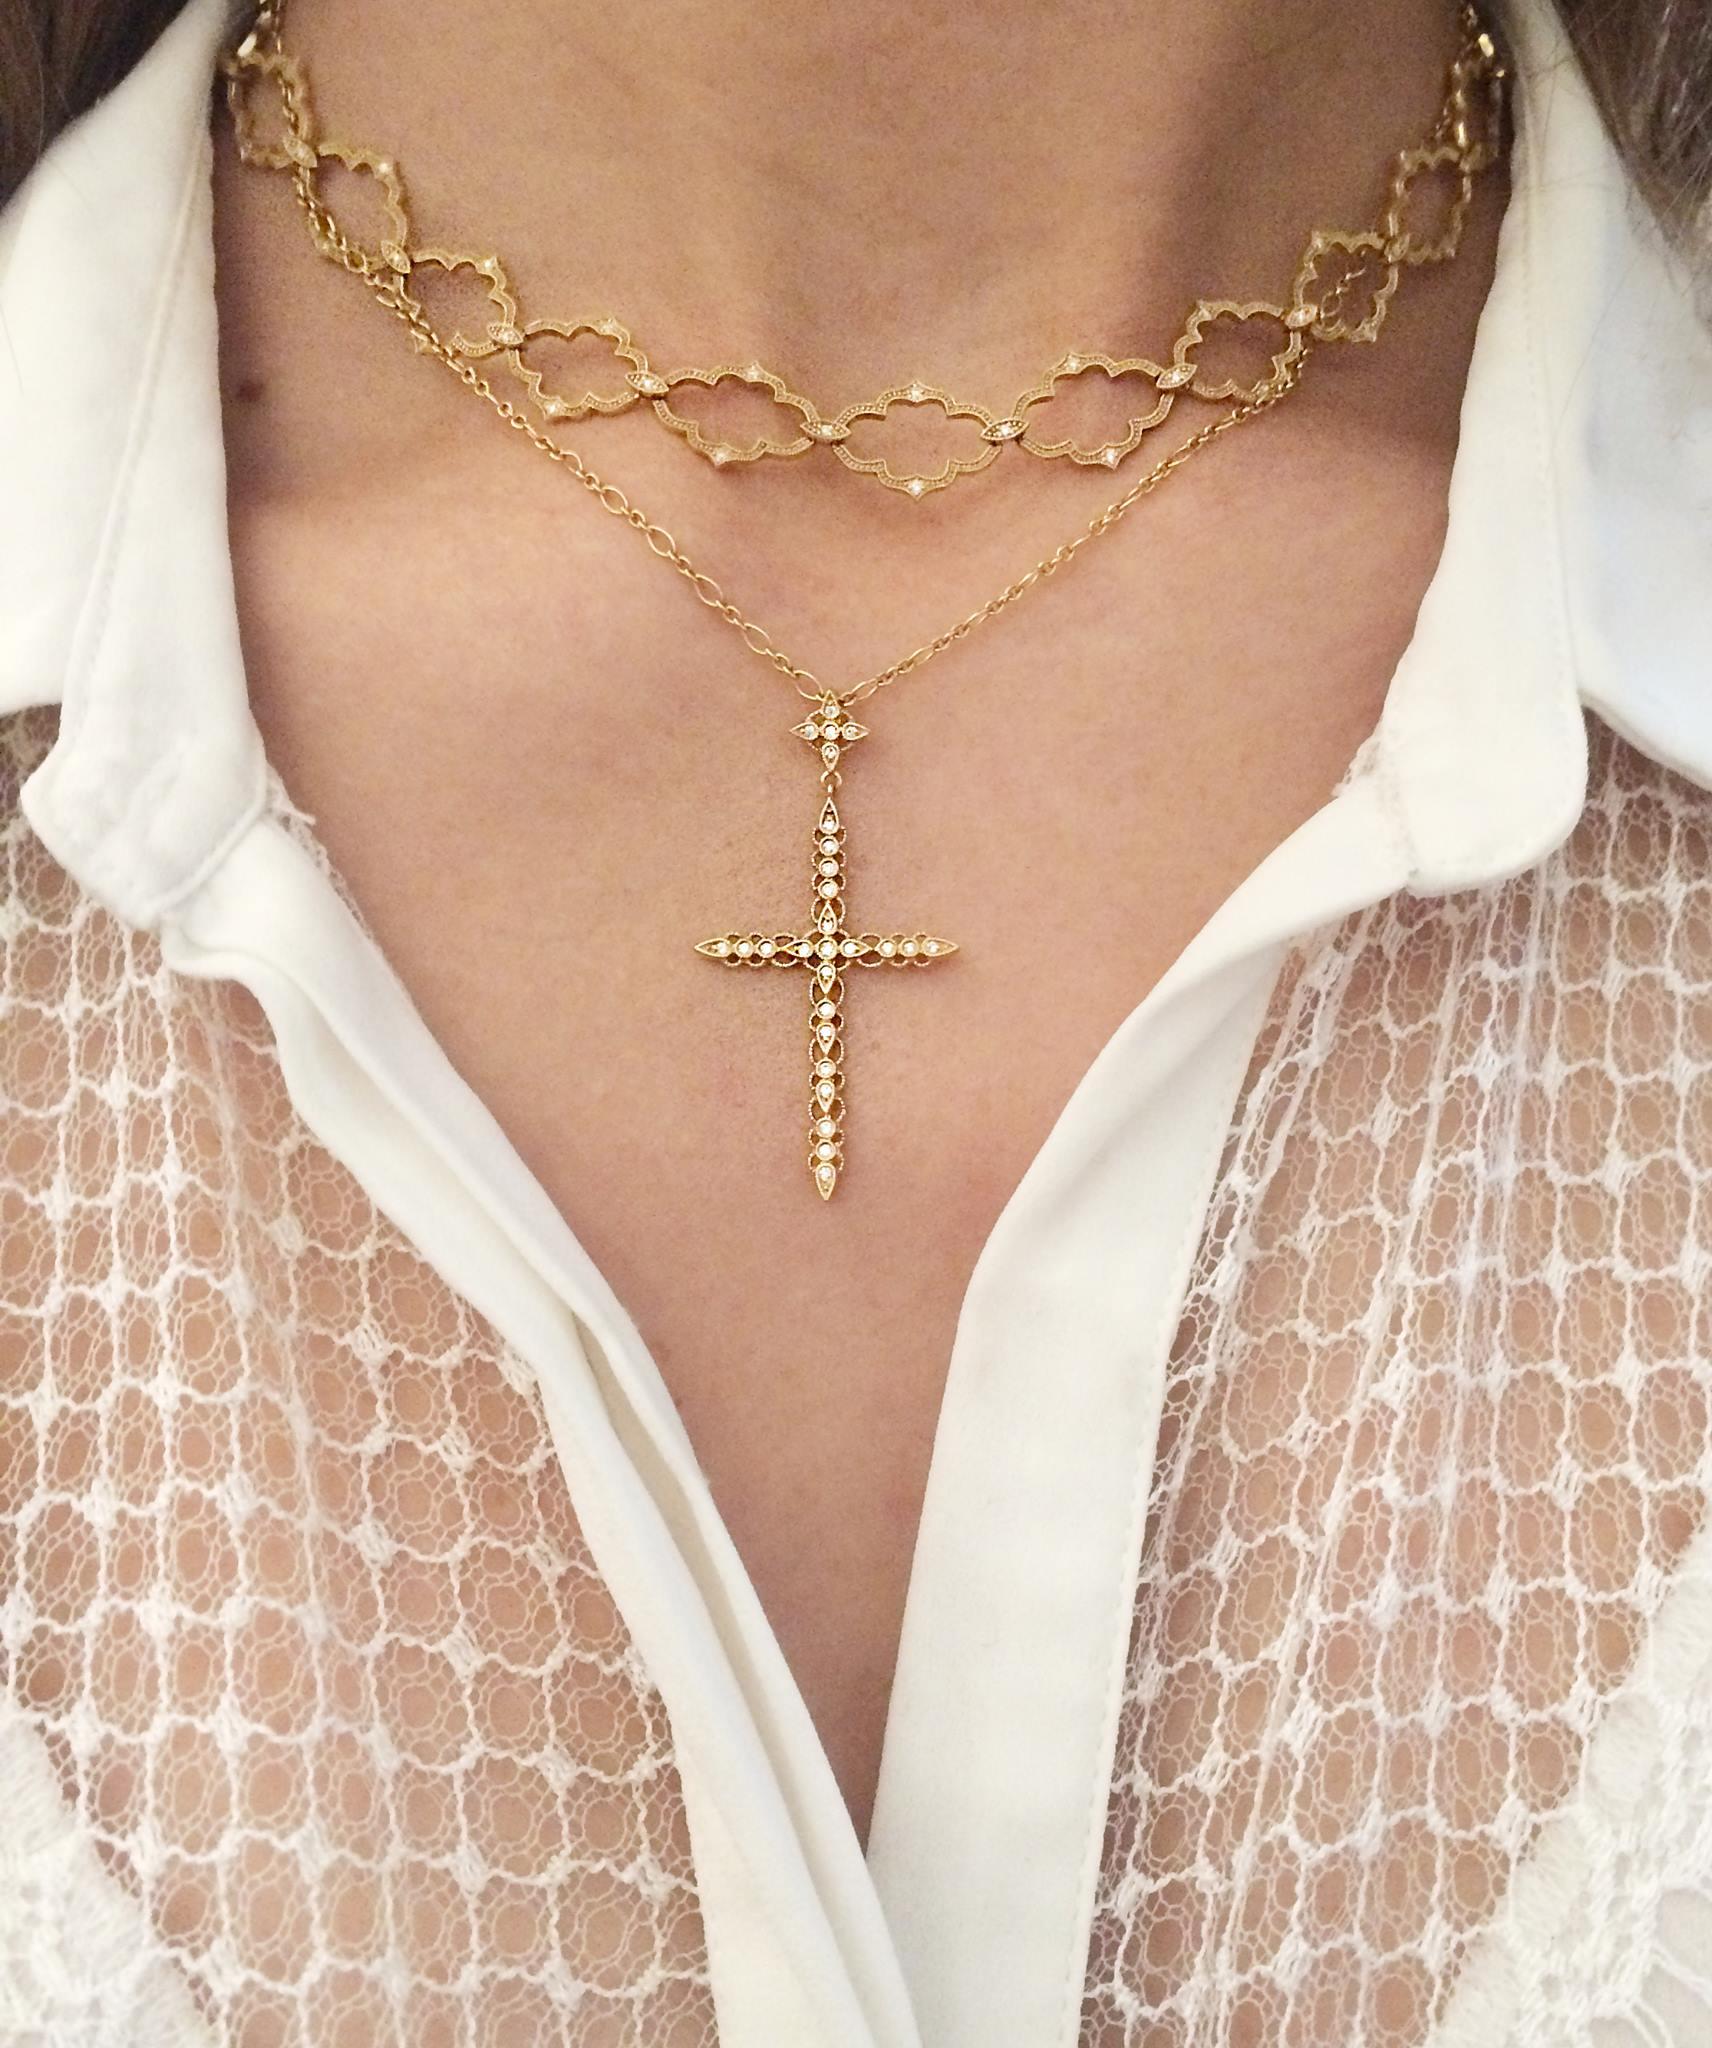 MOON RIVER necklace (top) CÉLESTE necklace (bottom)